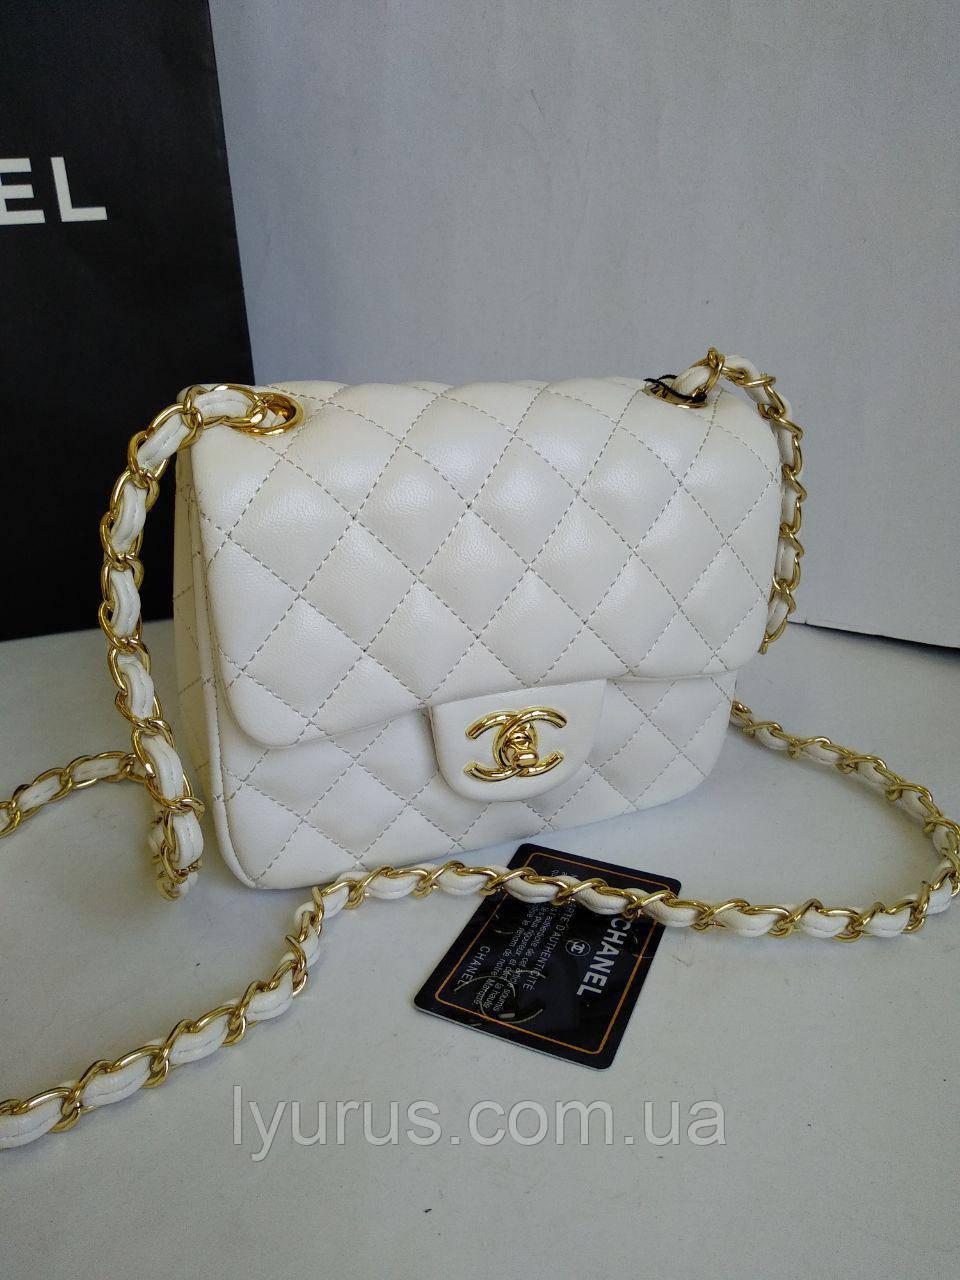 6b12dd6f2edd Женская сумка в стиле Шанель mini белого цвета - Интернет магазин LyuRus в  Полтаве